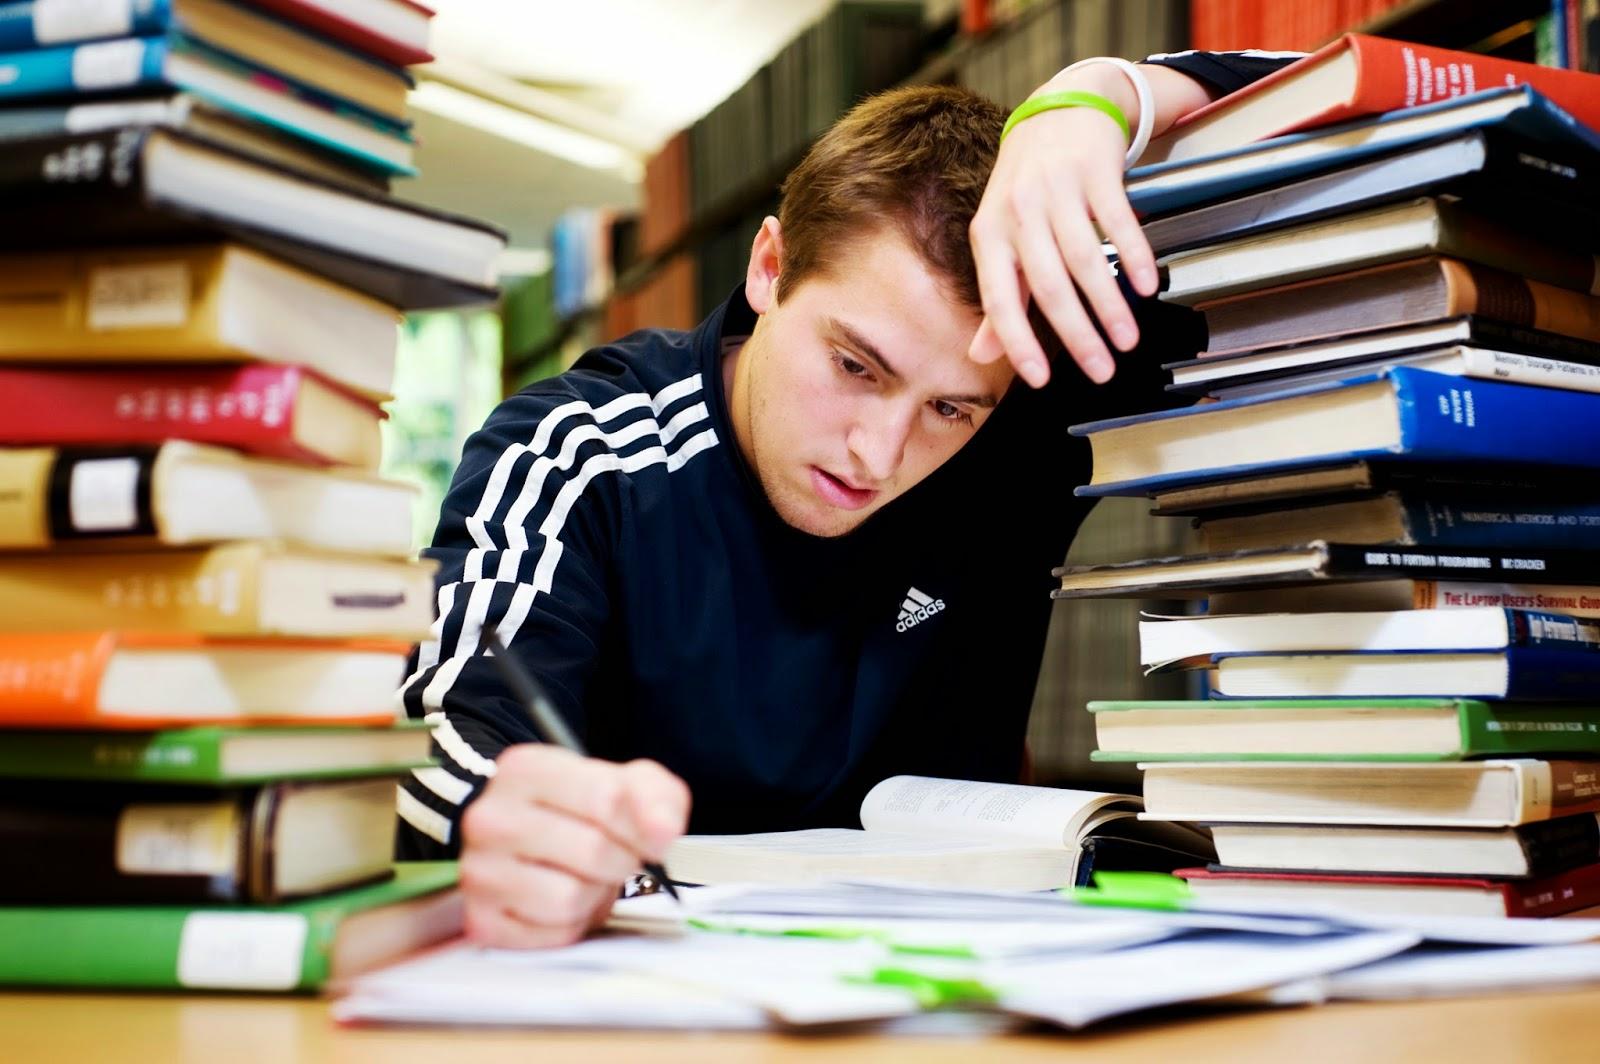 estudante cansado.jpg